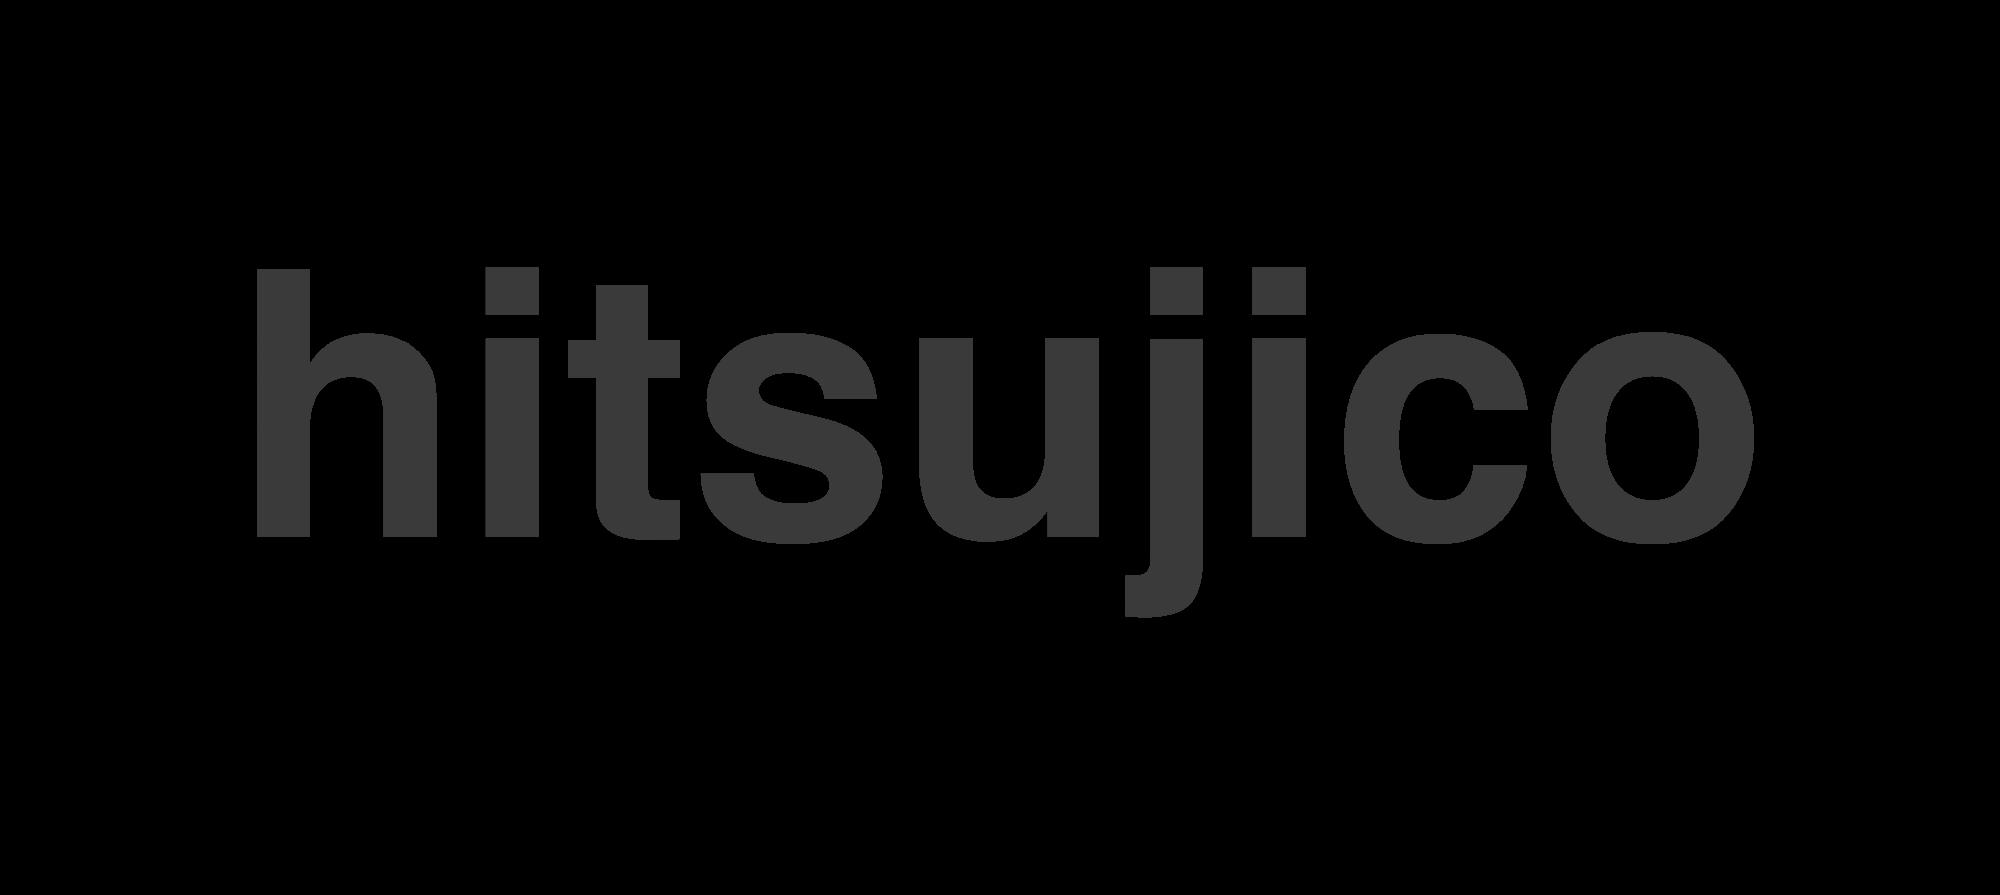 hitsujicoのロゴ画像